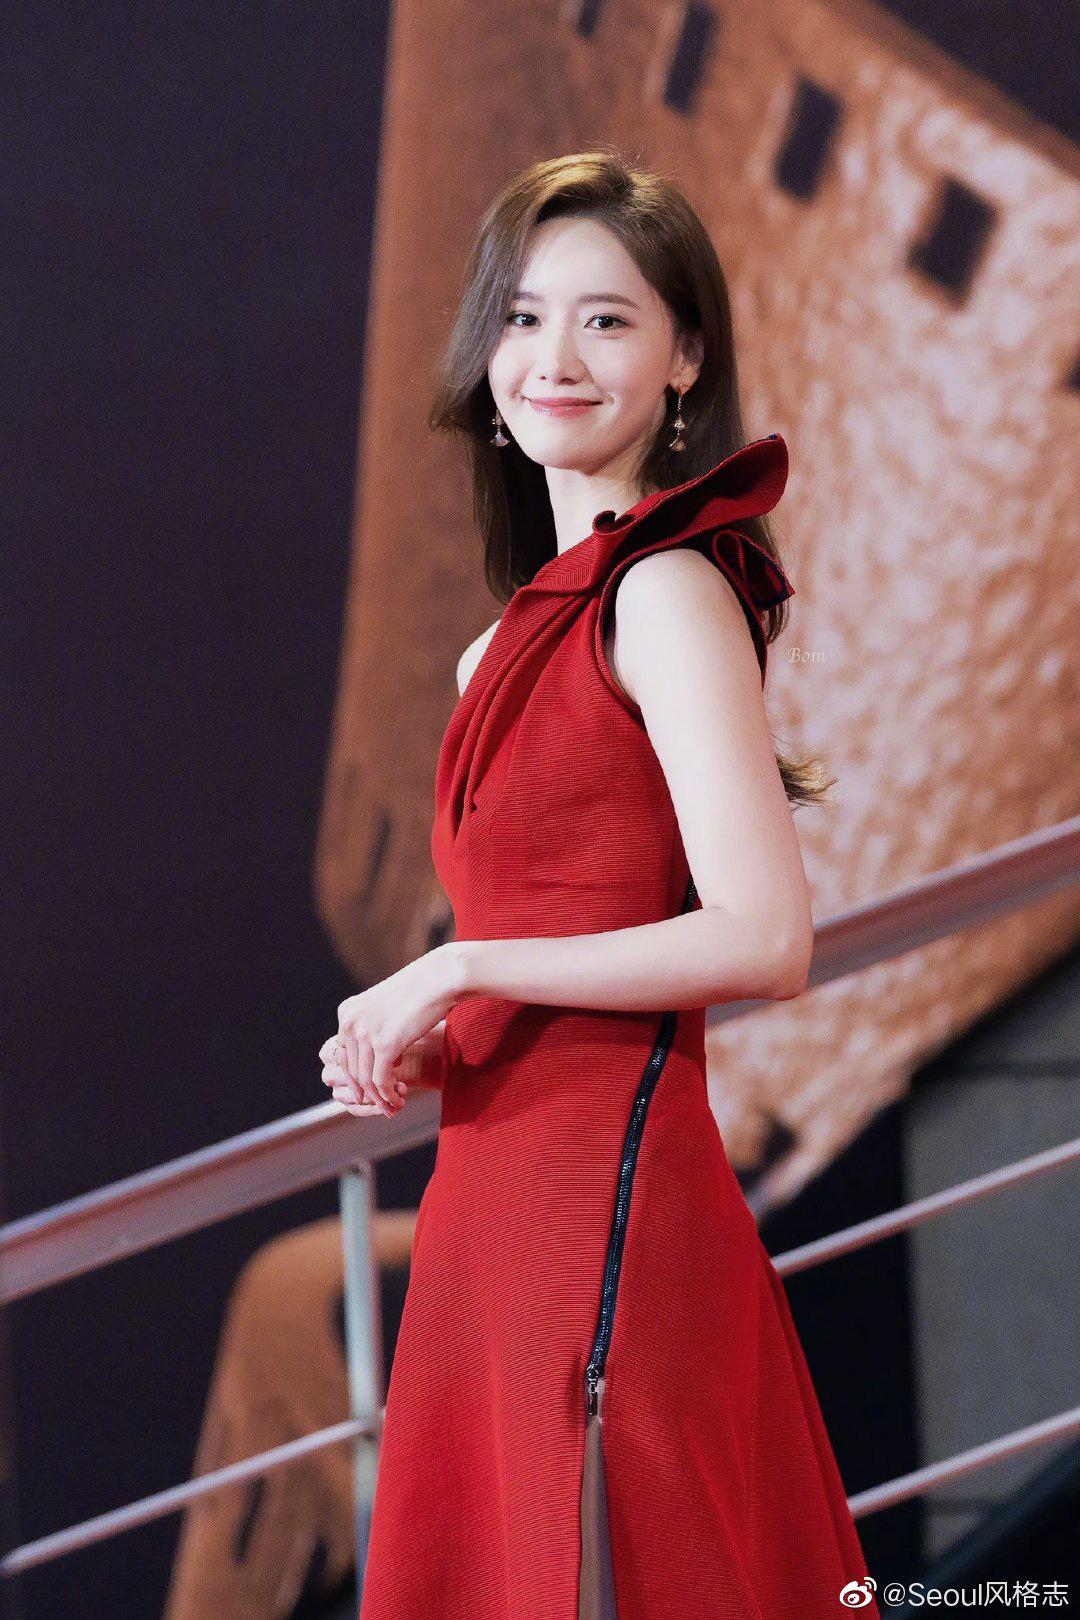 Sau đó Yoona đổi sang mẫu váy đỏ lệch vai kiểu cách. Sắc đỏ nổi bật tôn lên nước da trắng sáng, xương quai xanh thanh mảnh. Cùng với đó cô cũng chuyển sang kiểu tóc buông xõa, uốn xoăn nhẹ nhàng đúng chuẩn nữ thần.